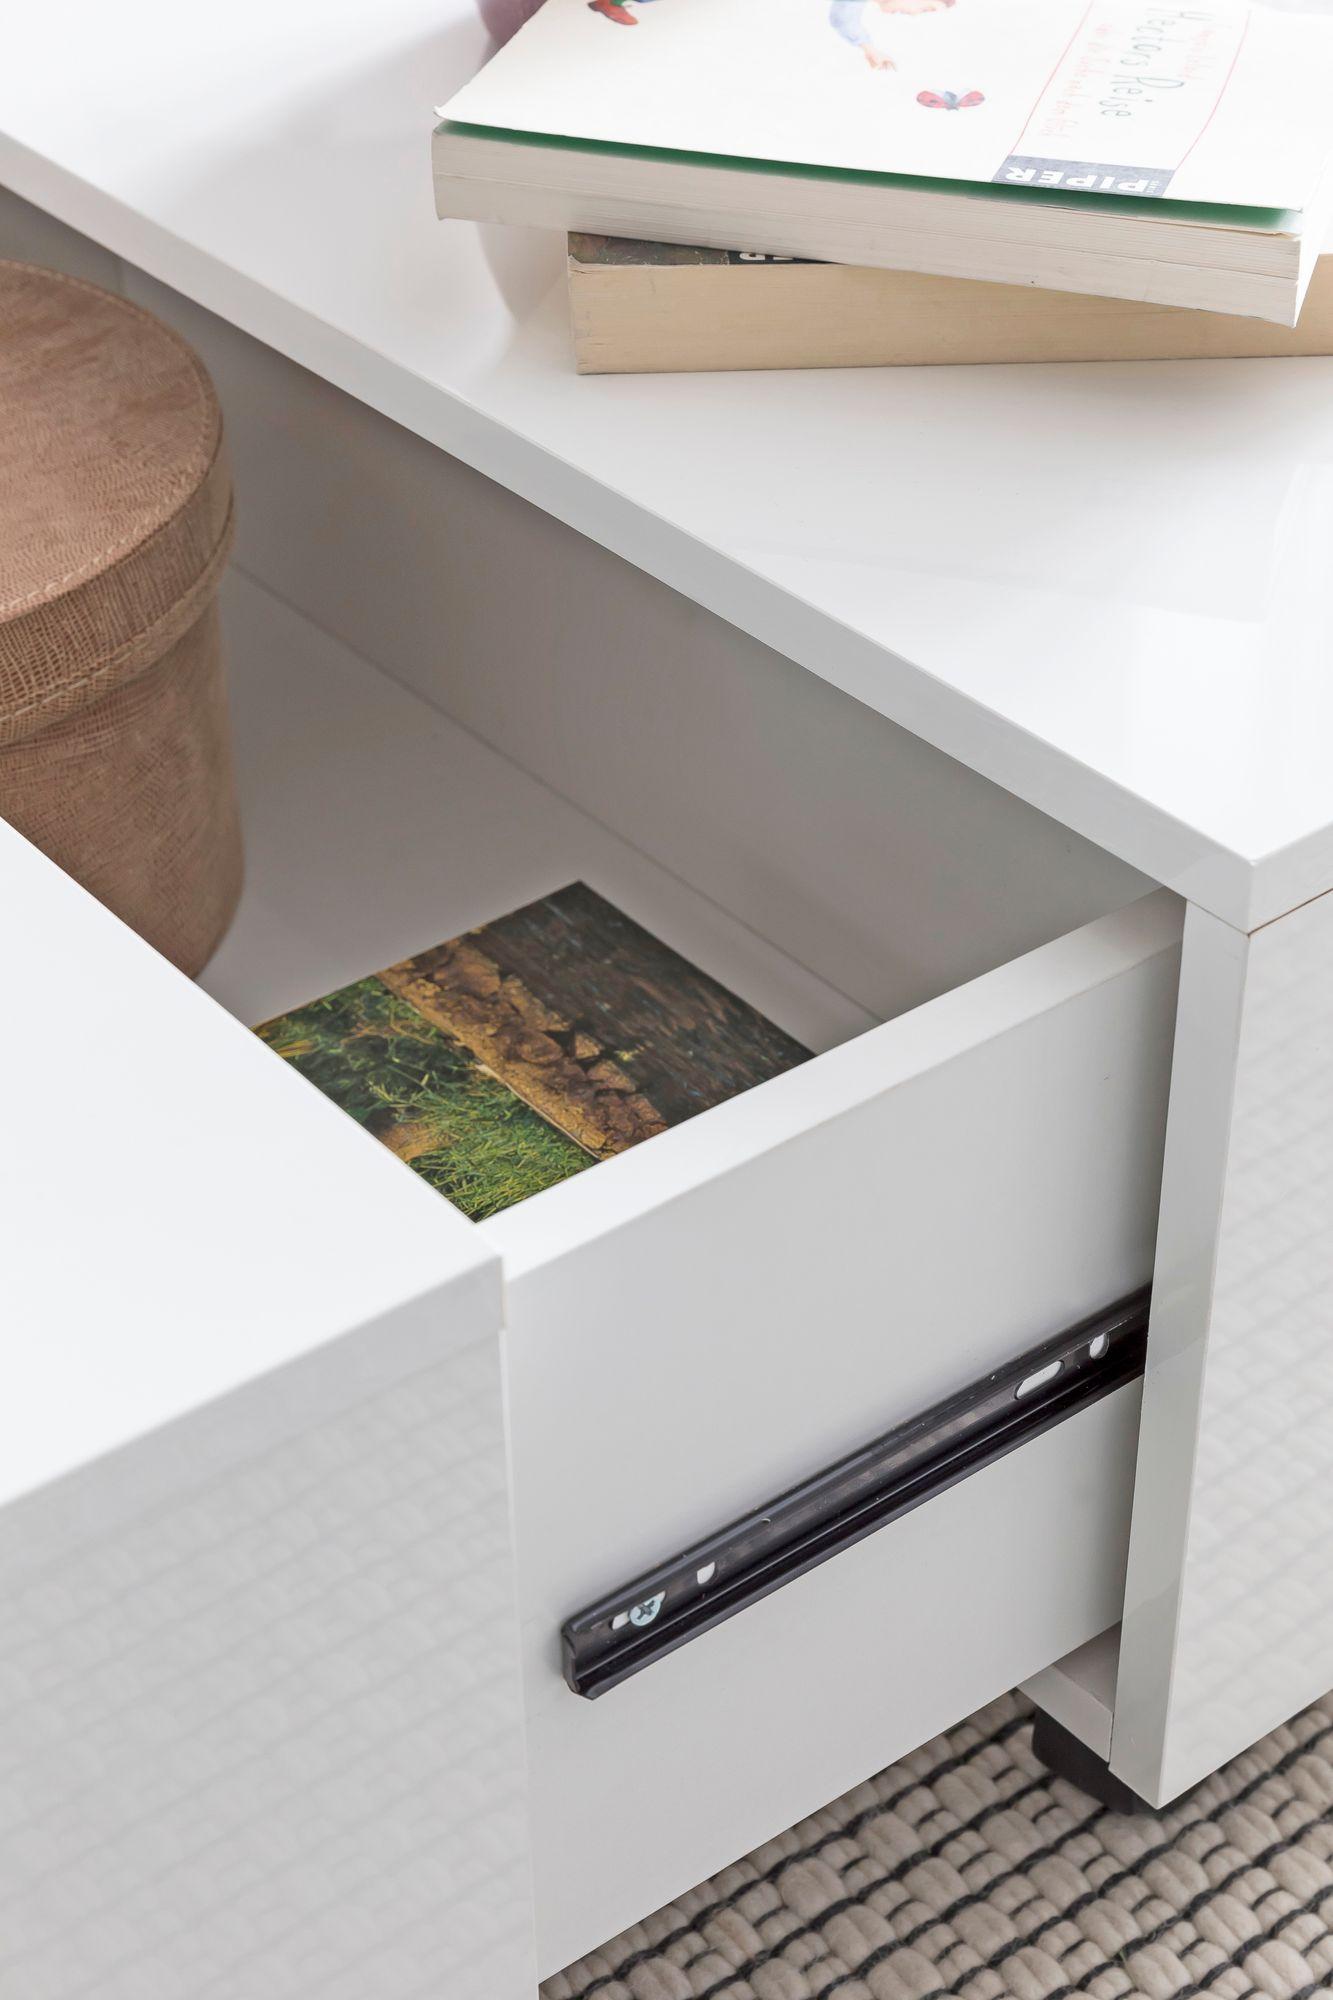 FineBuy Couchtisch Weiß mit Rollen Wohnzimmertisch 60 x 60 cm Schublade  Stauraum